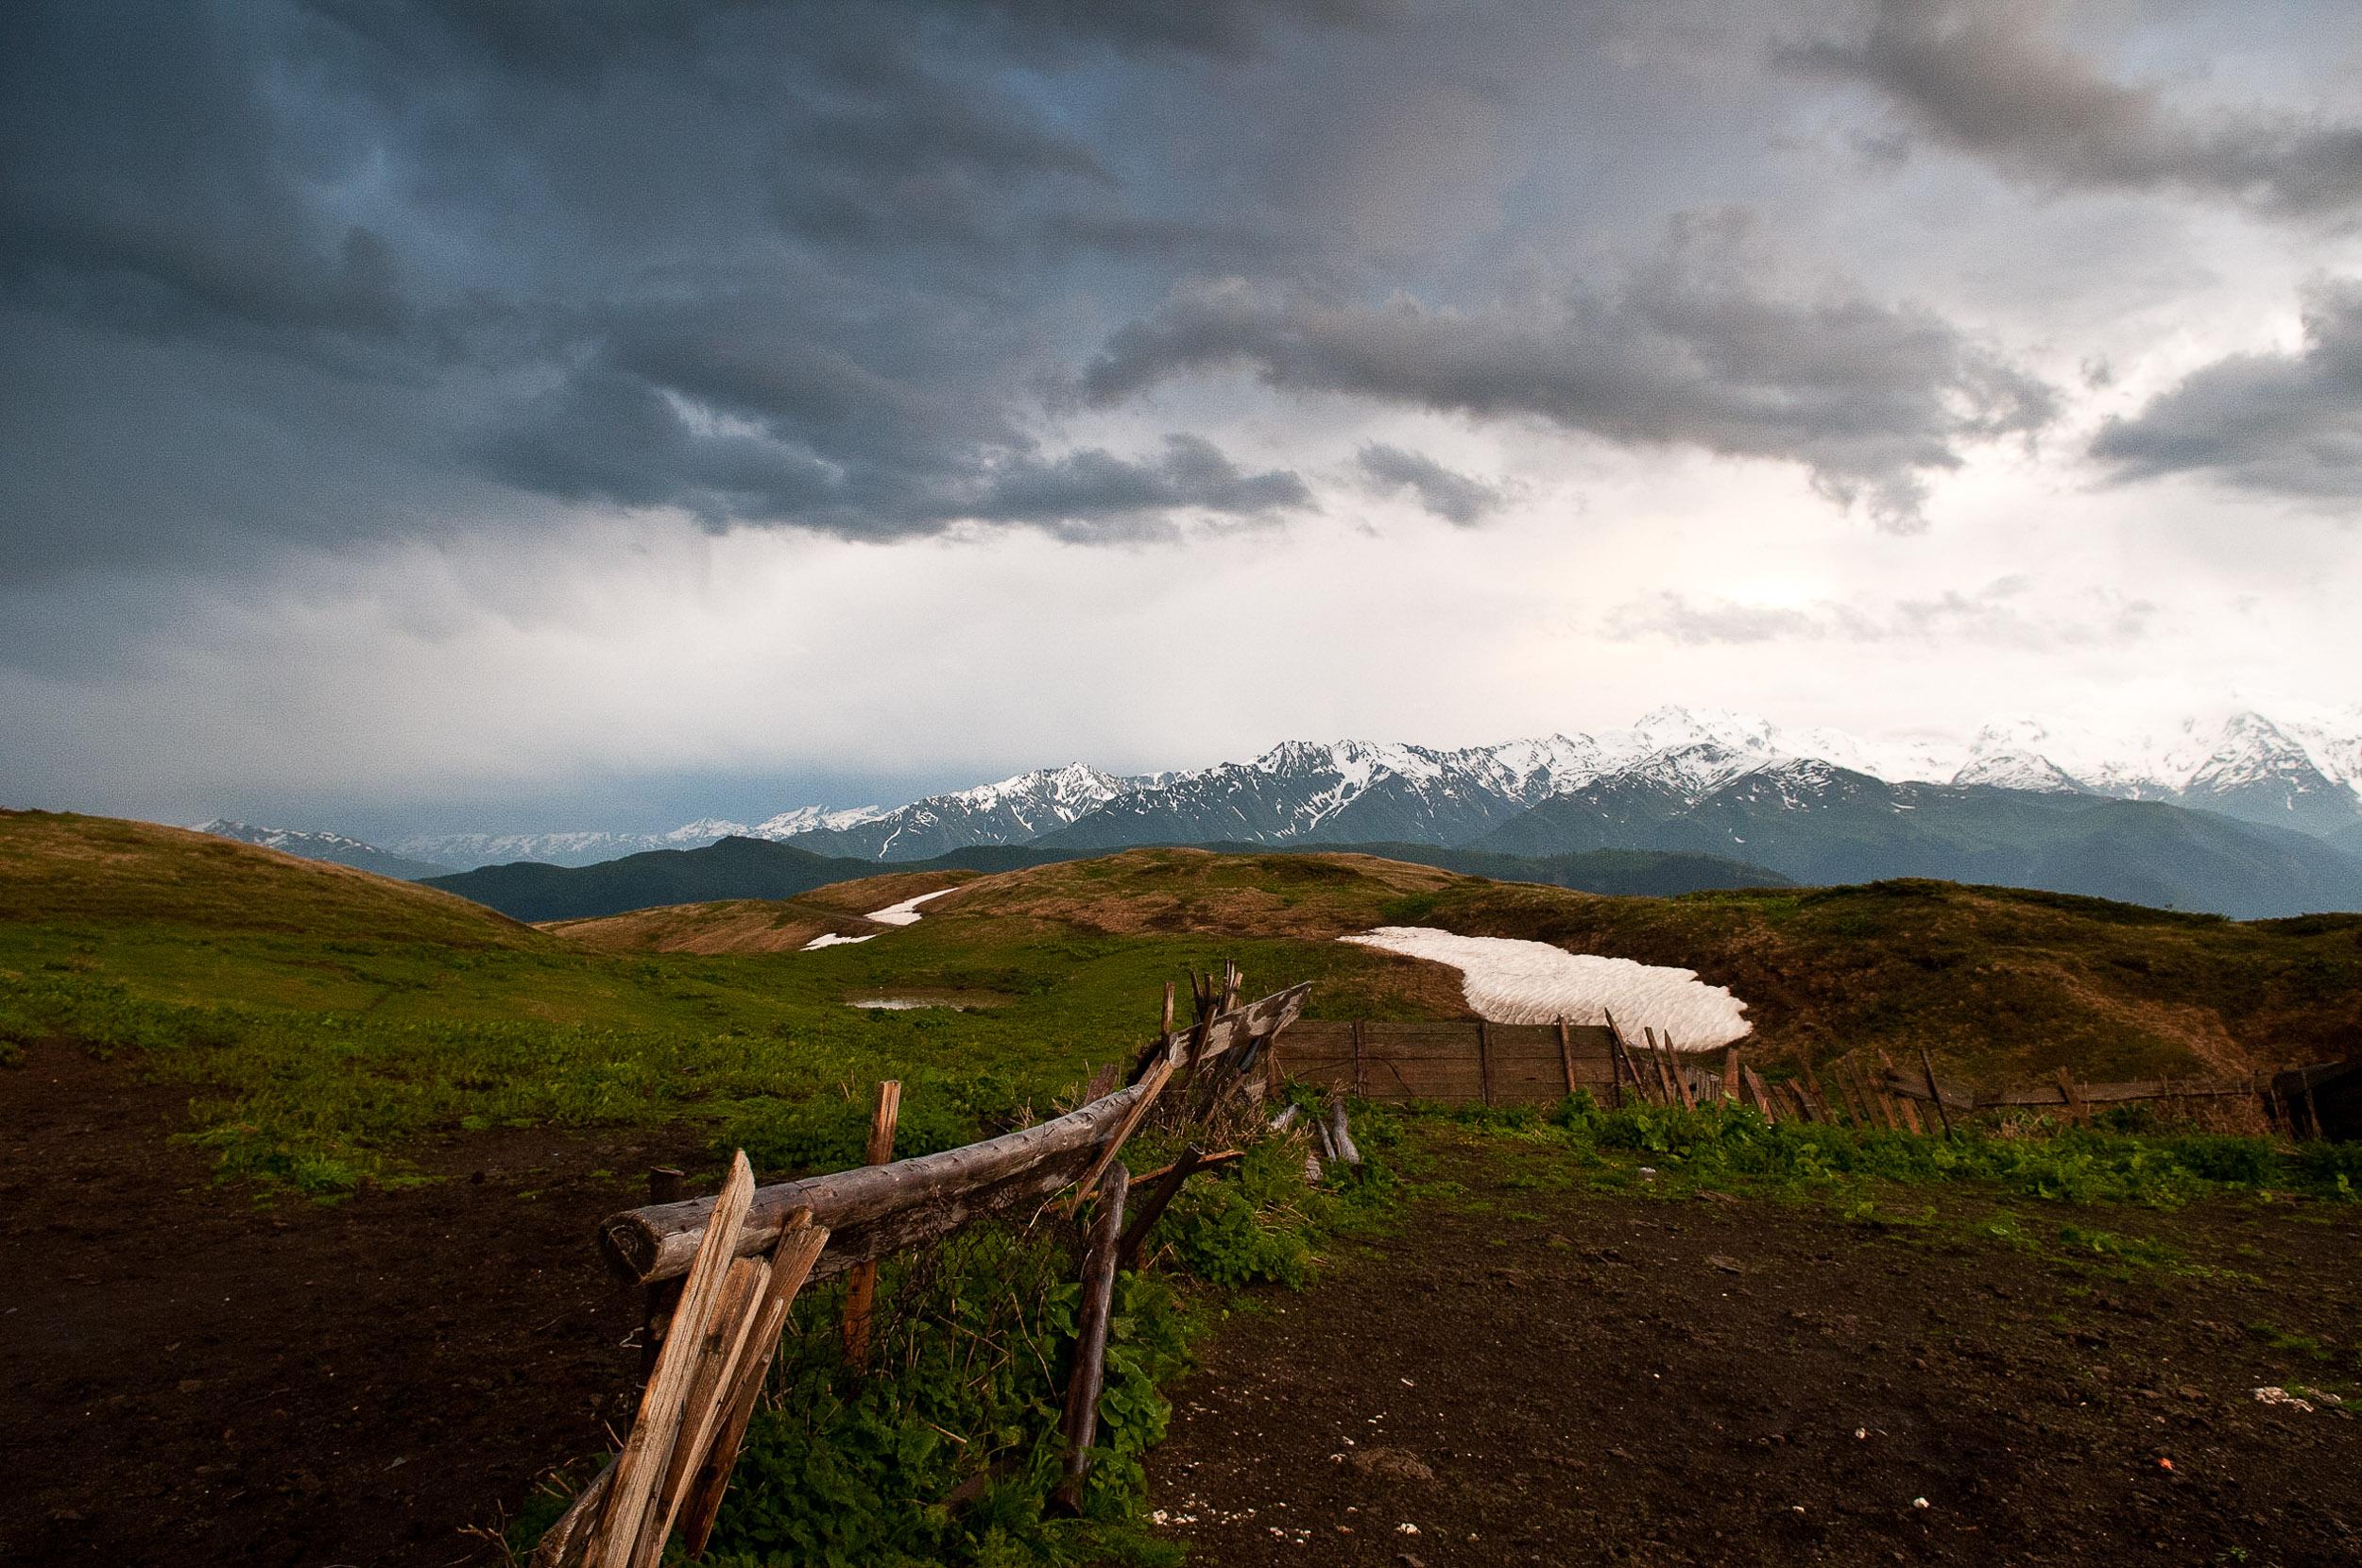 Storm and mountains, Mestia, Georgia.